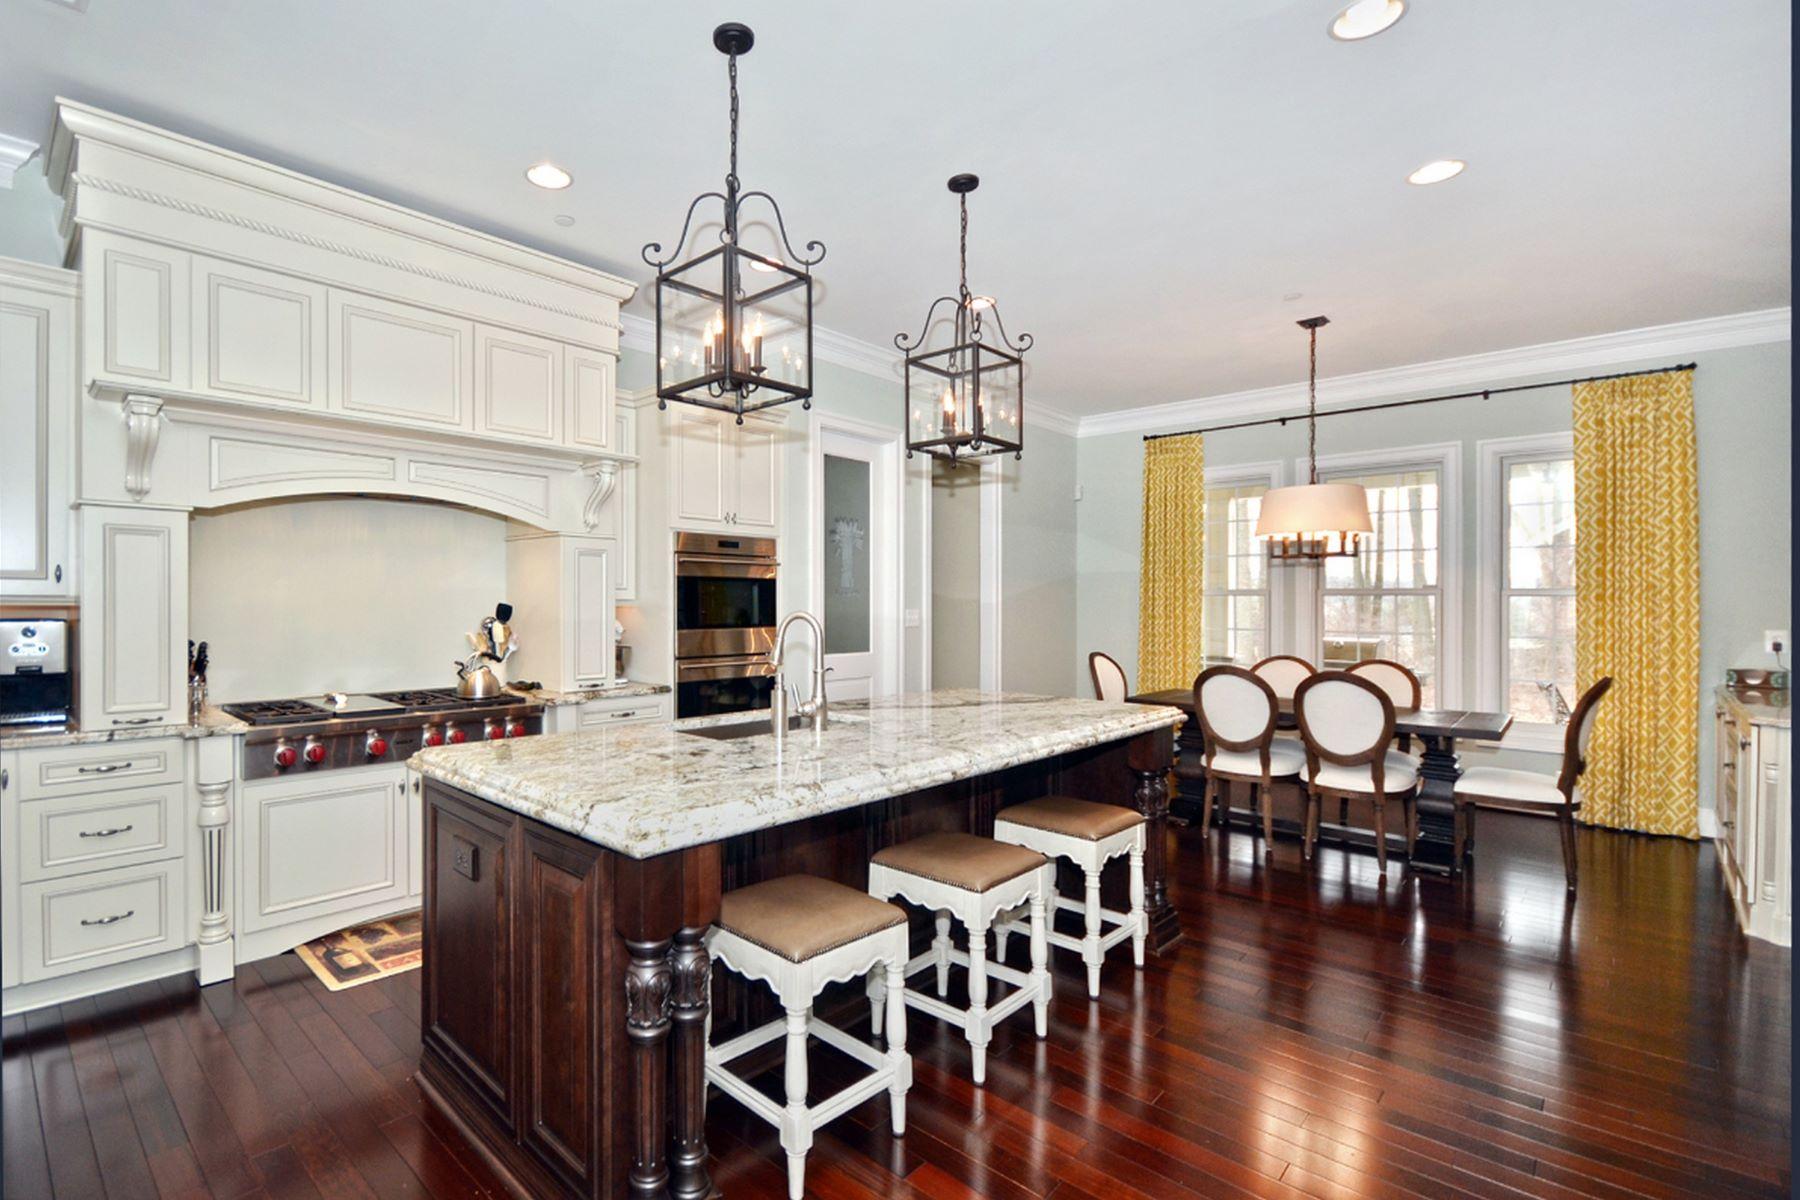 Частный односемейный дом для того Продажа на Castanea Estates 1126 Castanea Court Lutherville Timonium, Мэриленд 21093 Соединенные Штаты